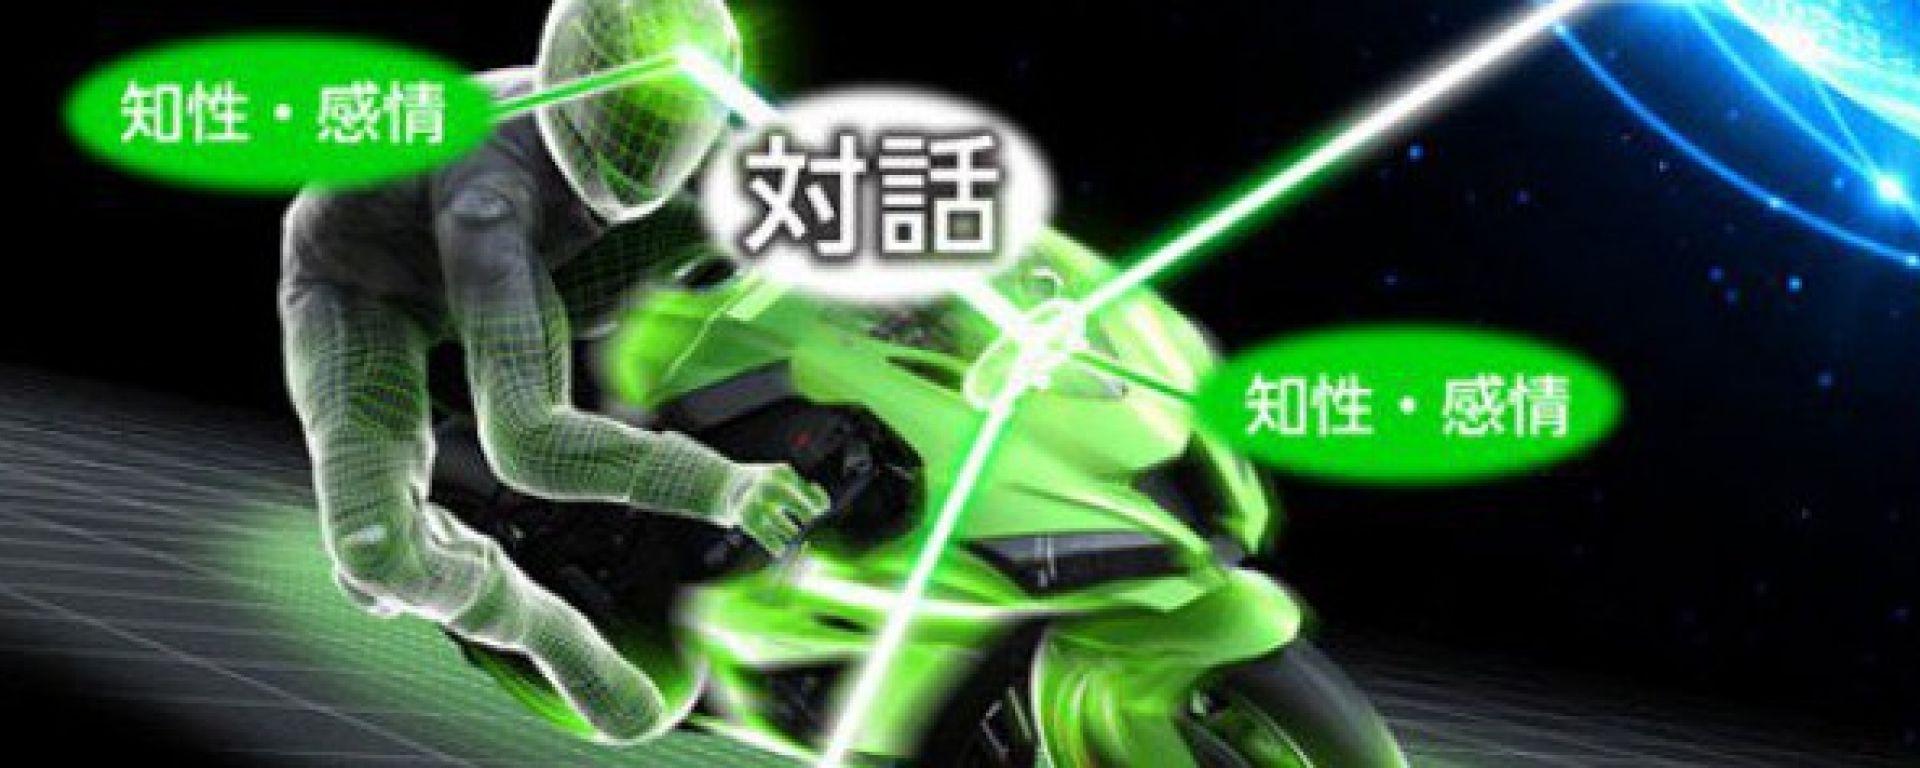 Kawasaki, moto con intelligenza artificiale